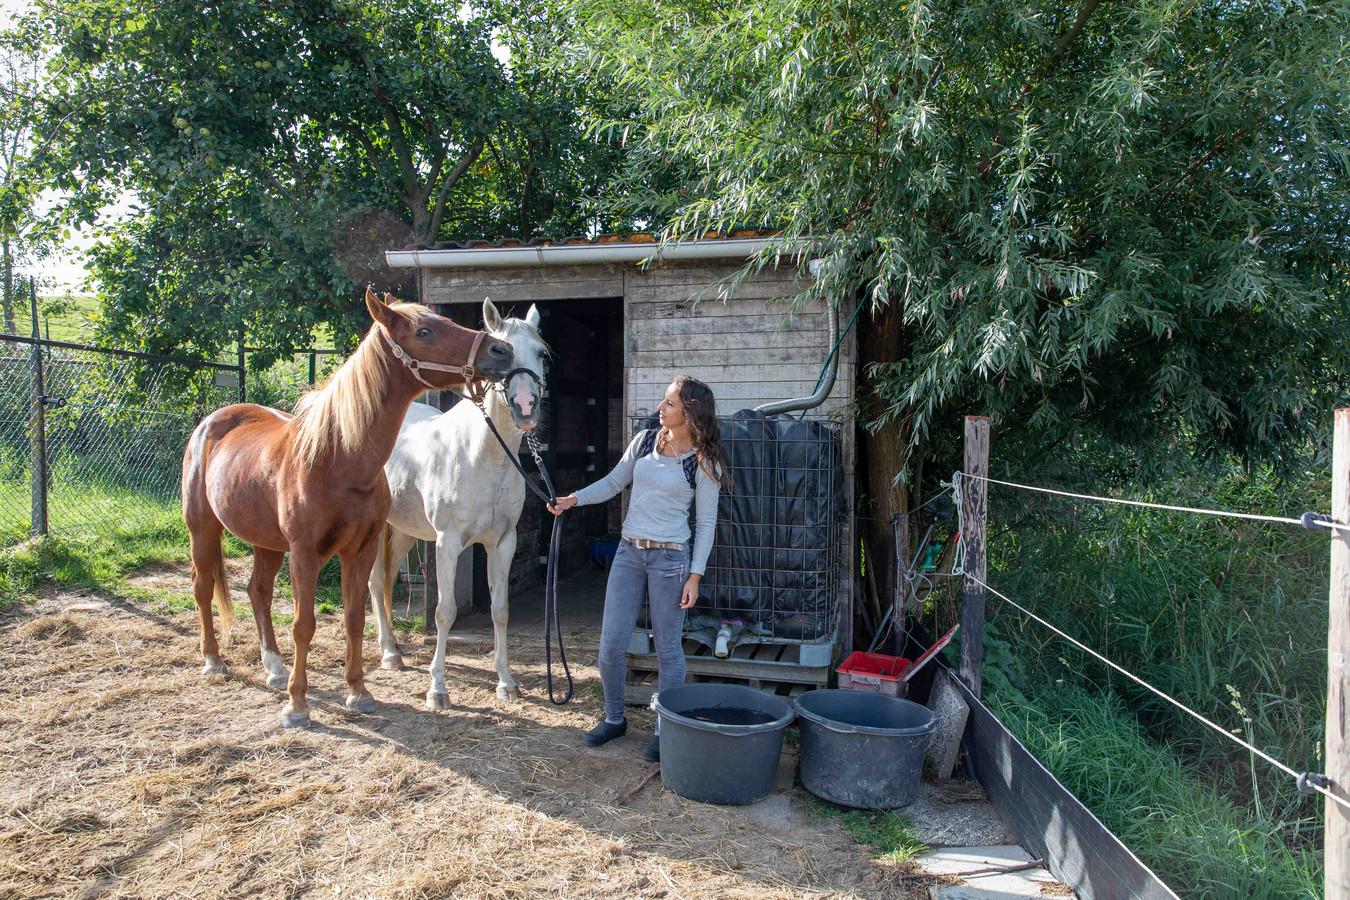 ilyana Goud-Nelis met haar paarden Eagle en Robesh. De gemeente Reimerswaal wil het stalletje aan het Zusterzand bij Waarde niet legaliseren.